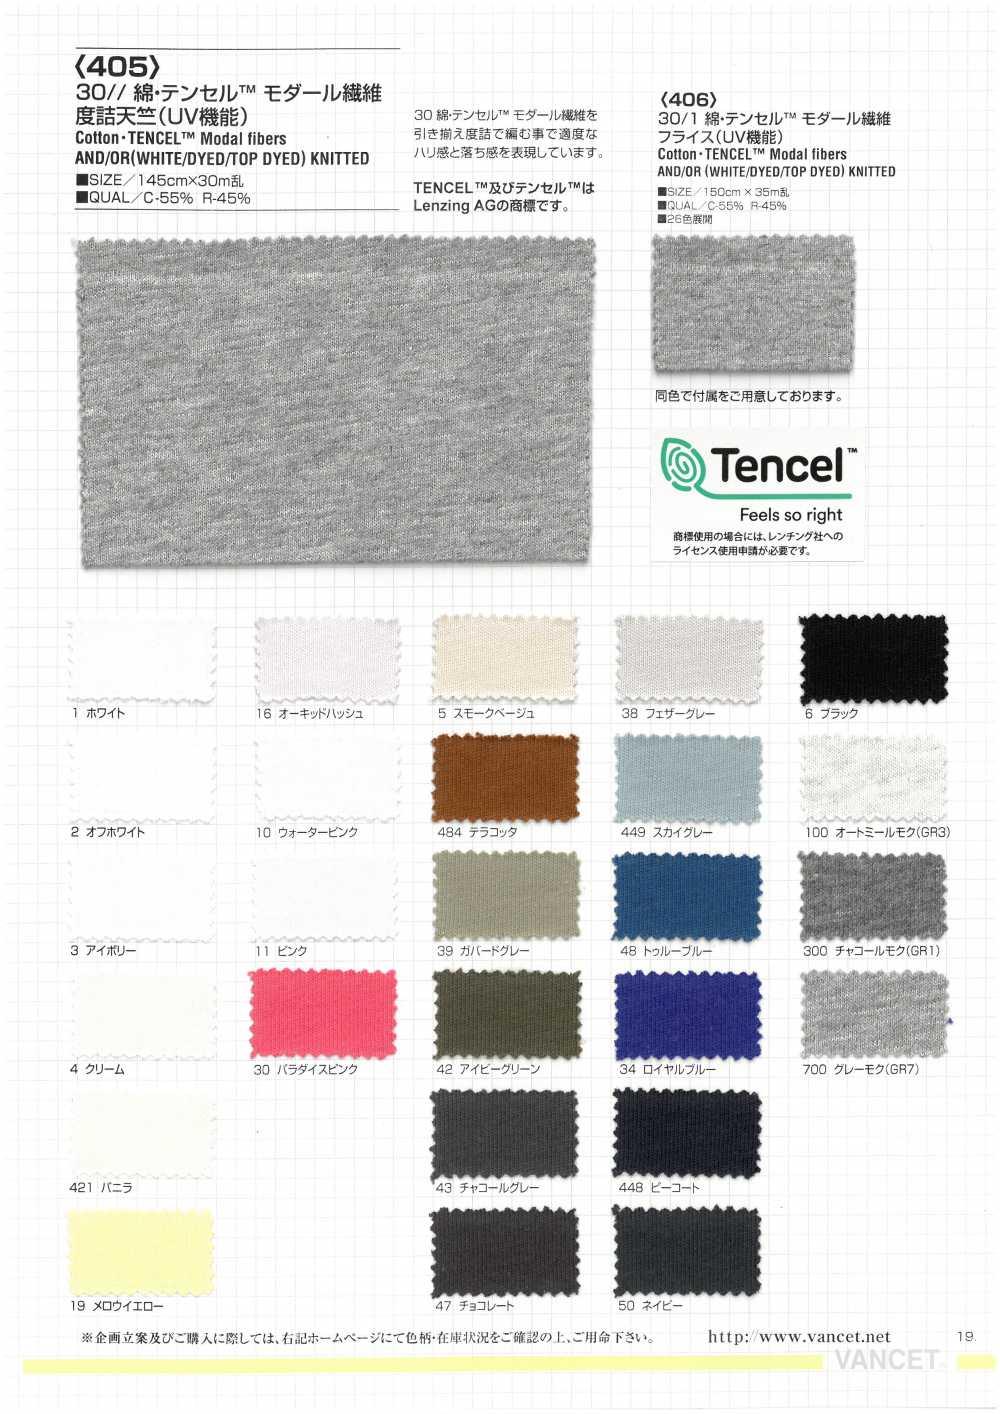 405 30// 綿・テンセル™モダール繊維 度詰天竺(UV機能)[生地] VANCET